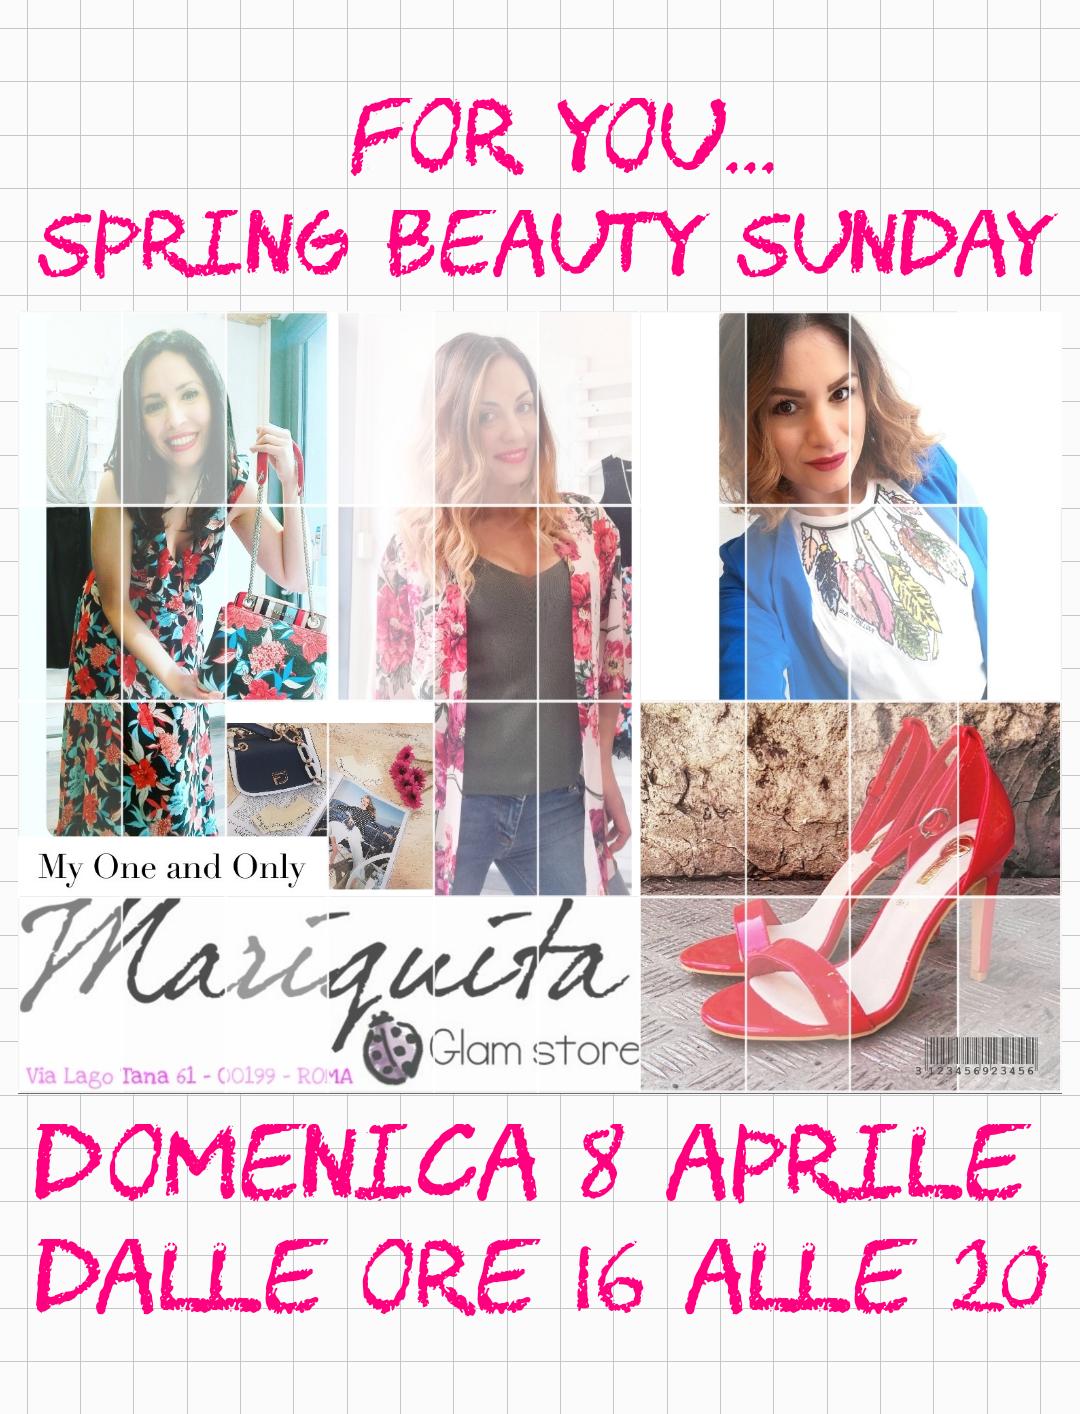 Spring Beauty Sunday